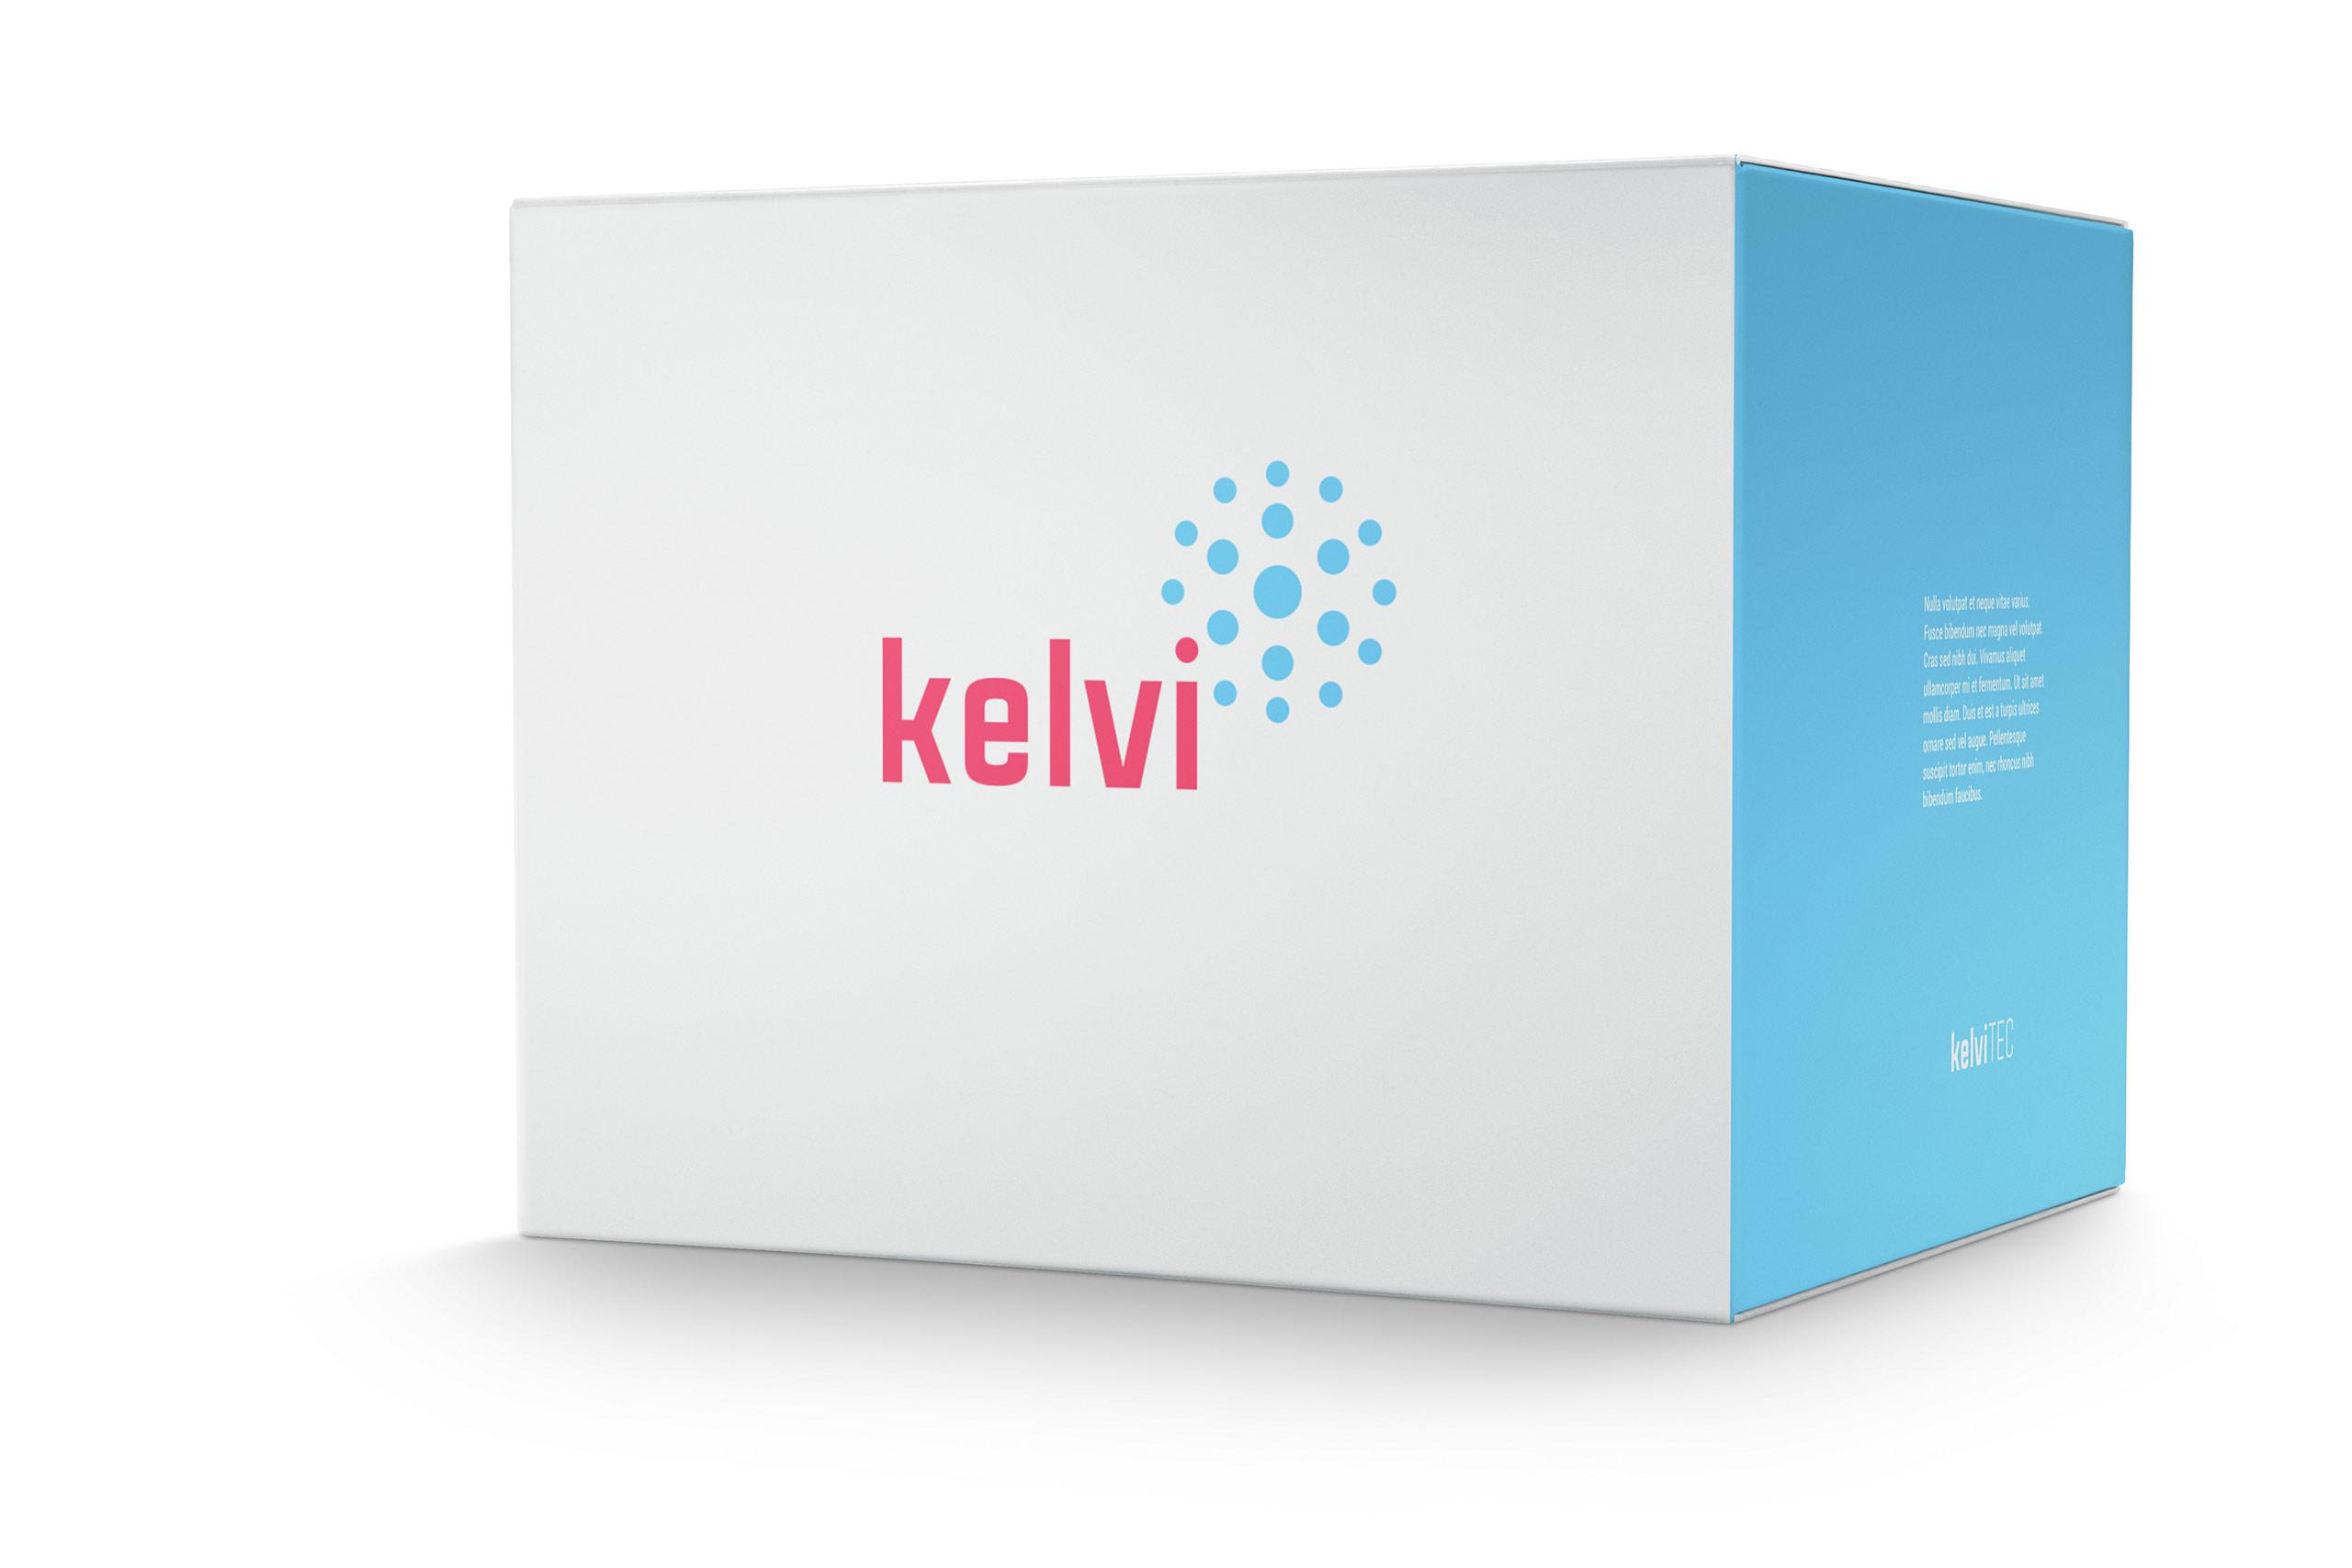 Kelvi packaging